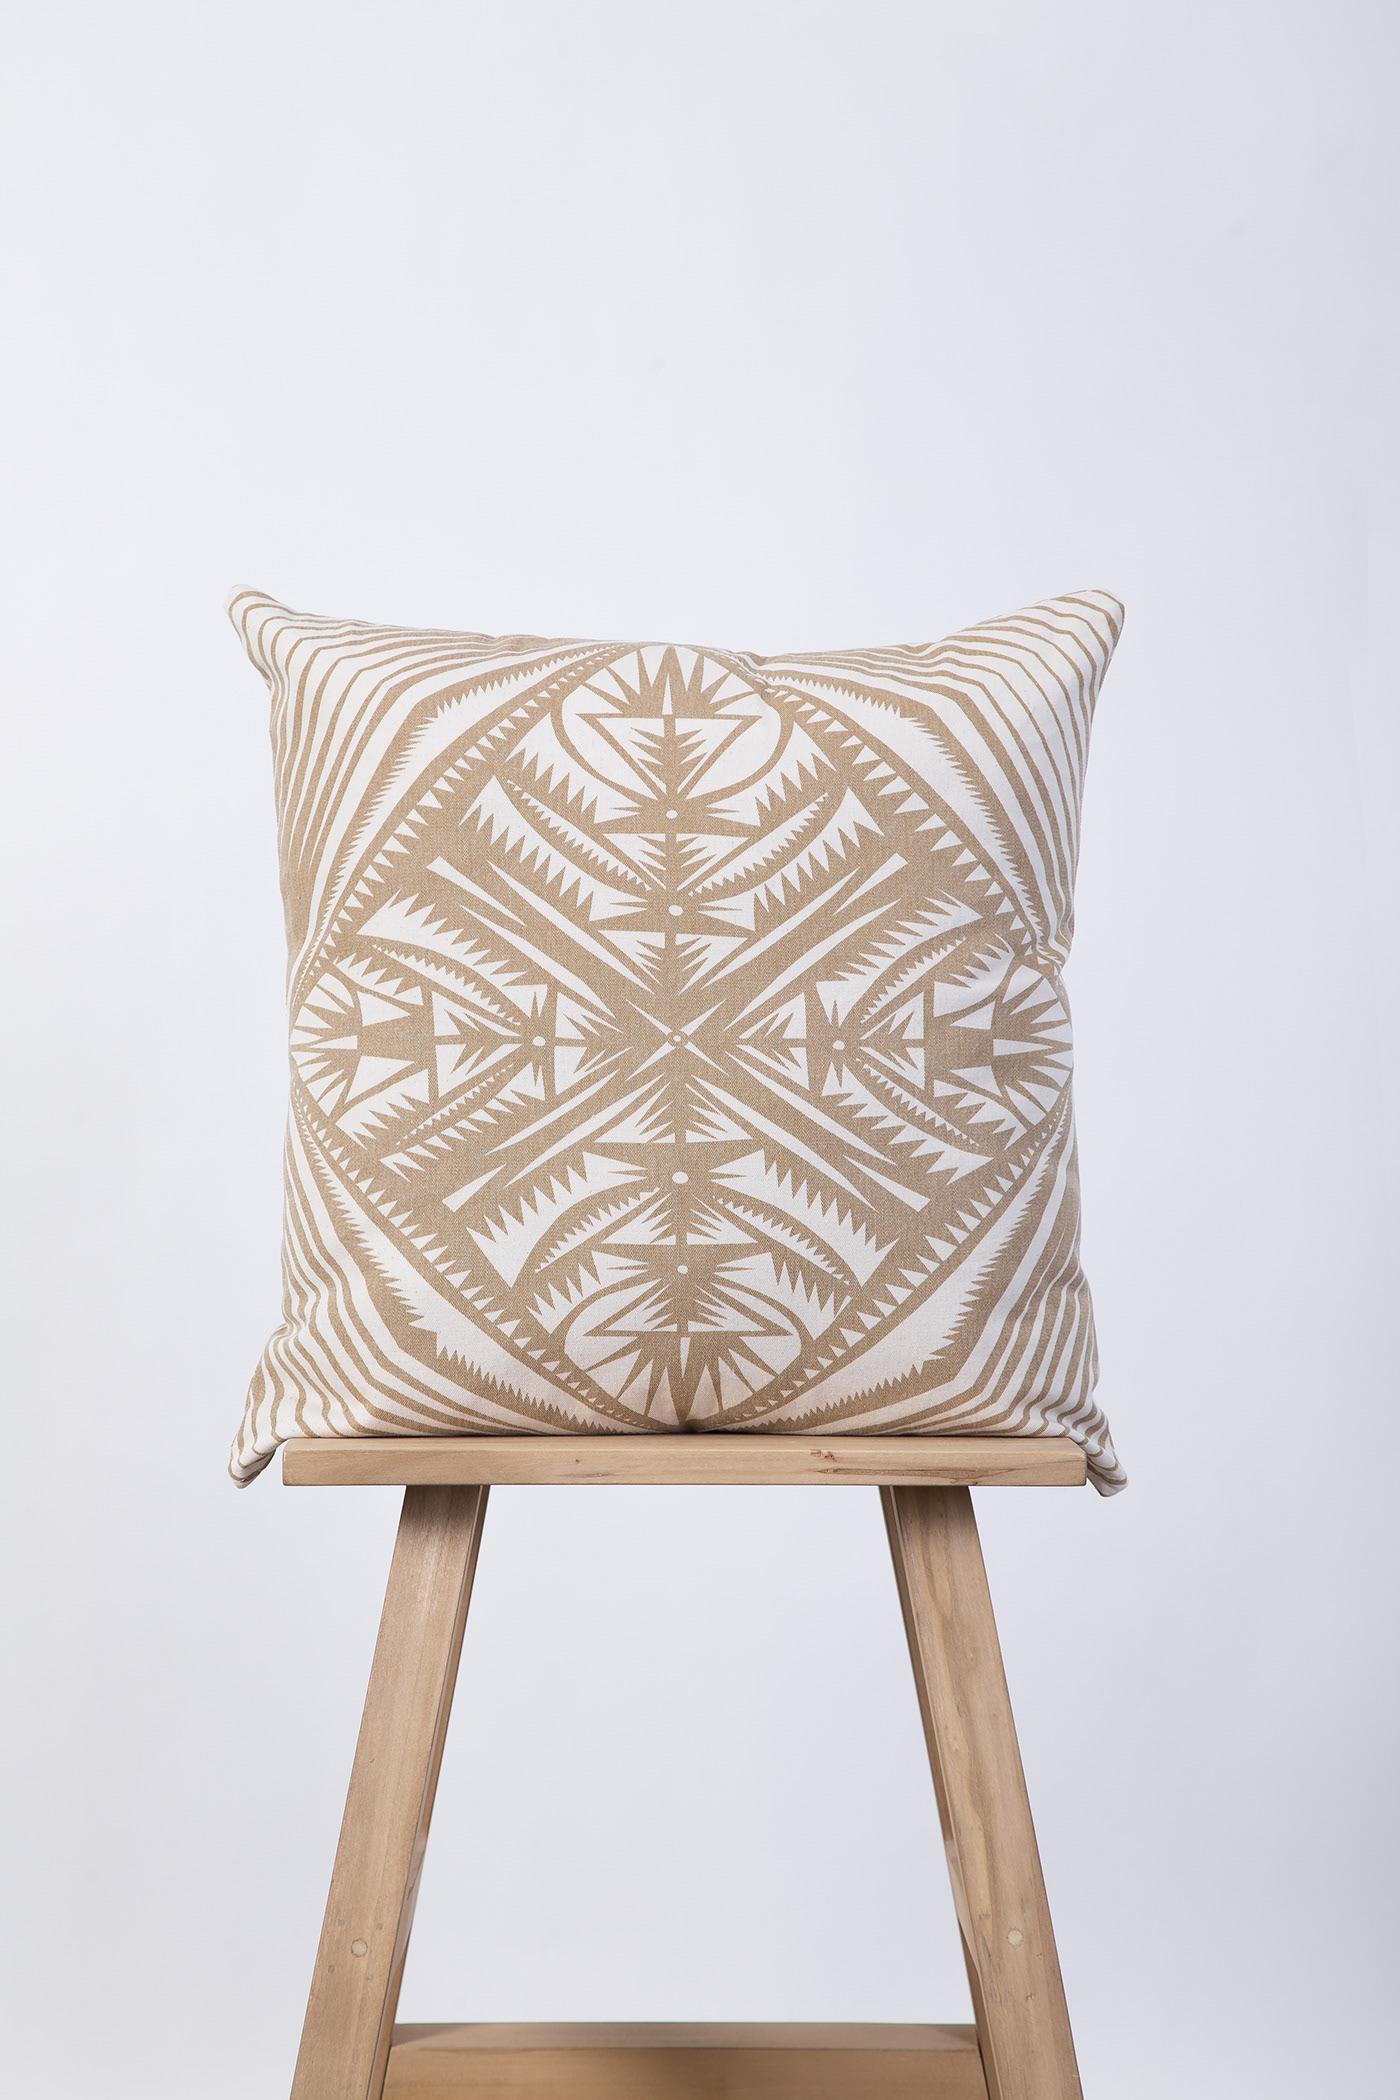 Almohadón sobre banco de madera